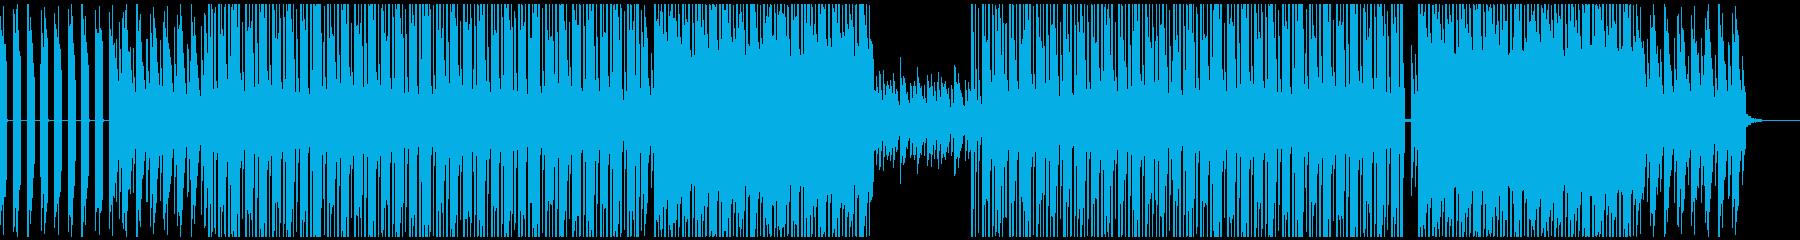 ピアノが印象的なヒップホップ系BGMの再生済みの波形